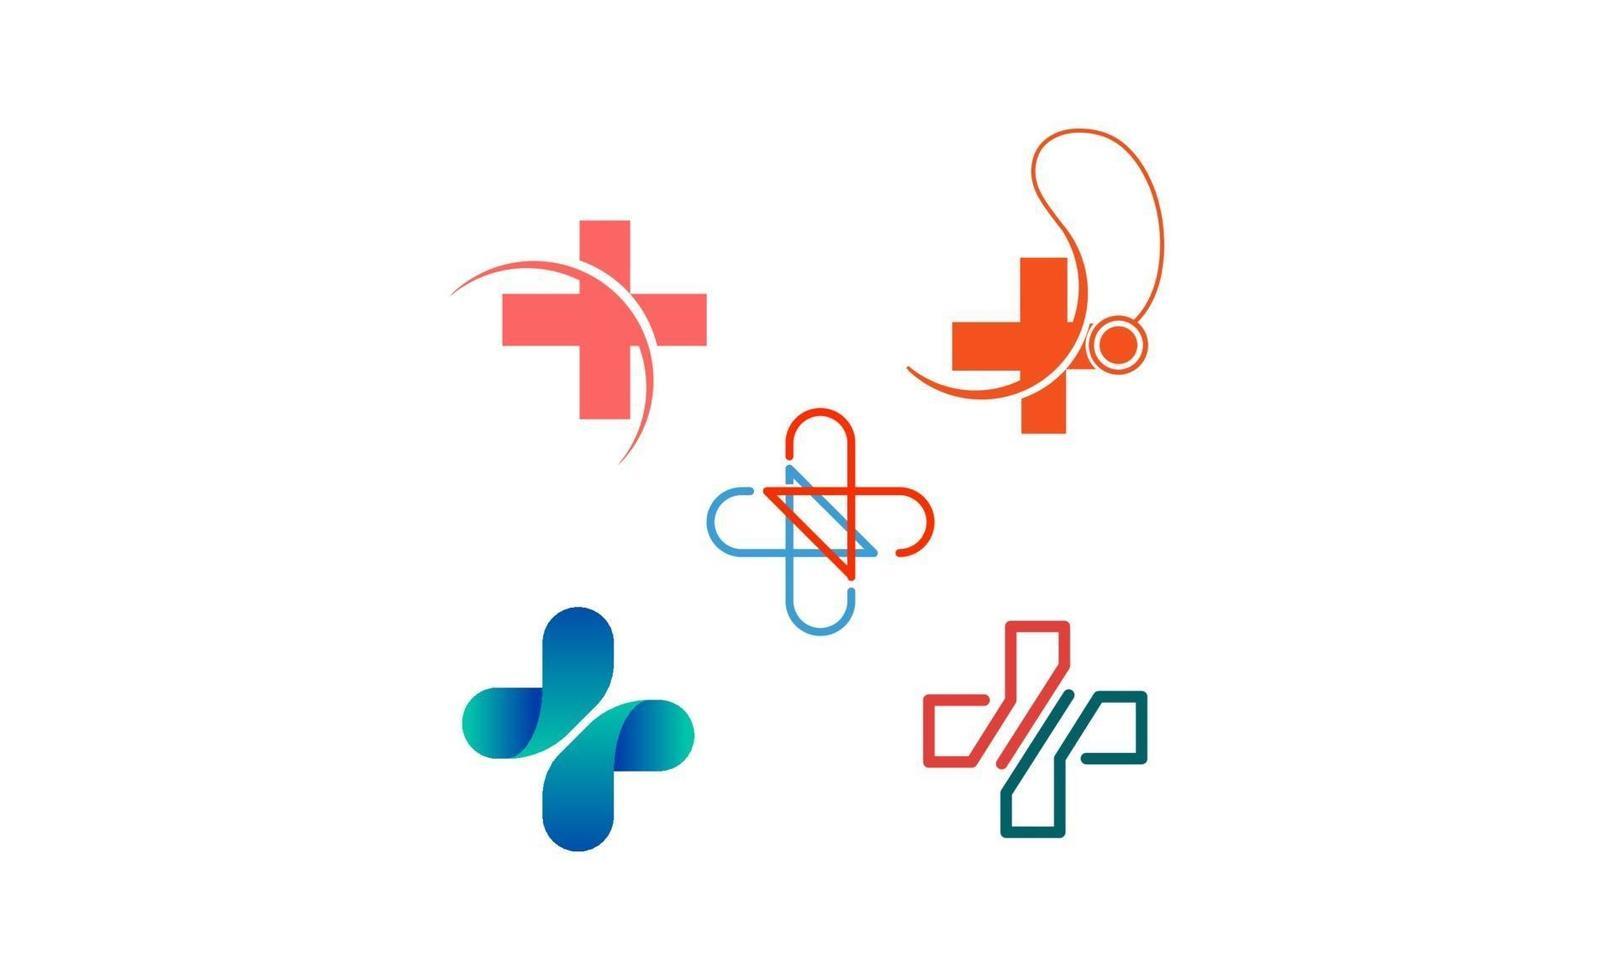 croce medica logo disegno vettoriale isolato